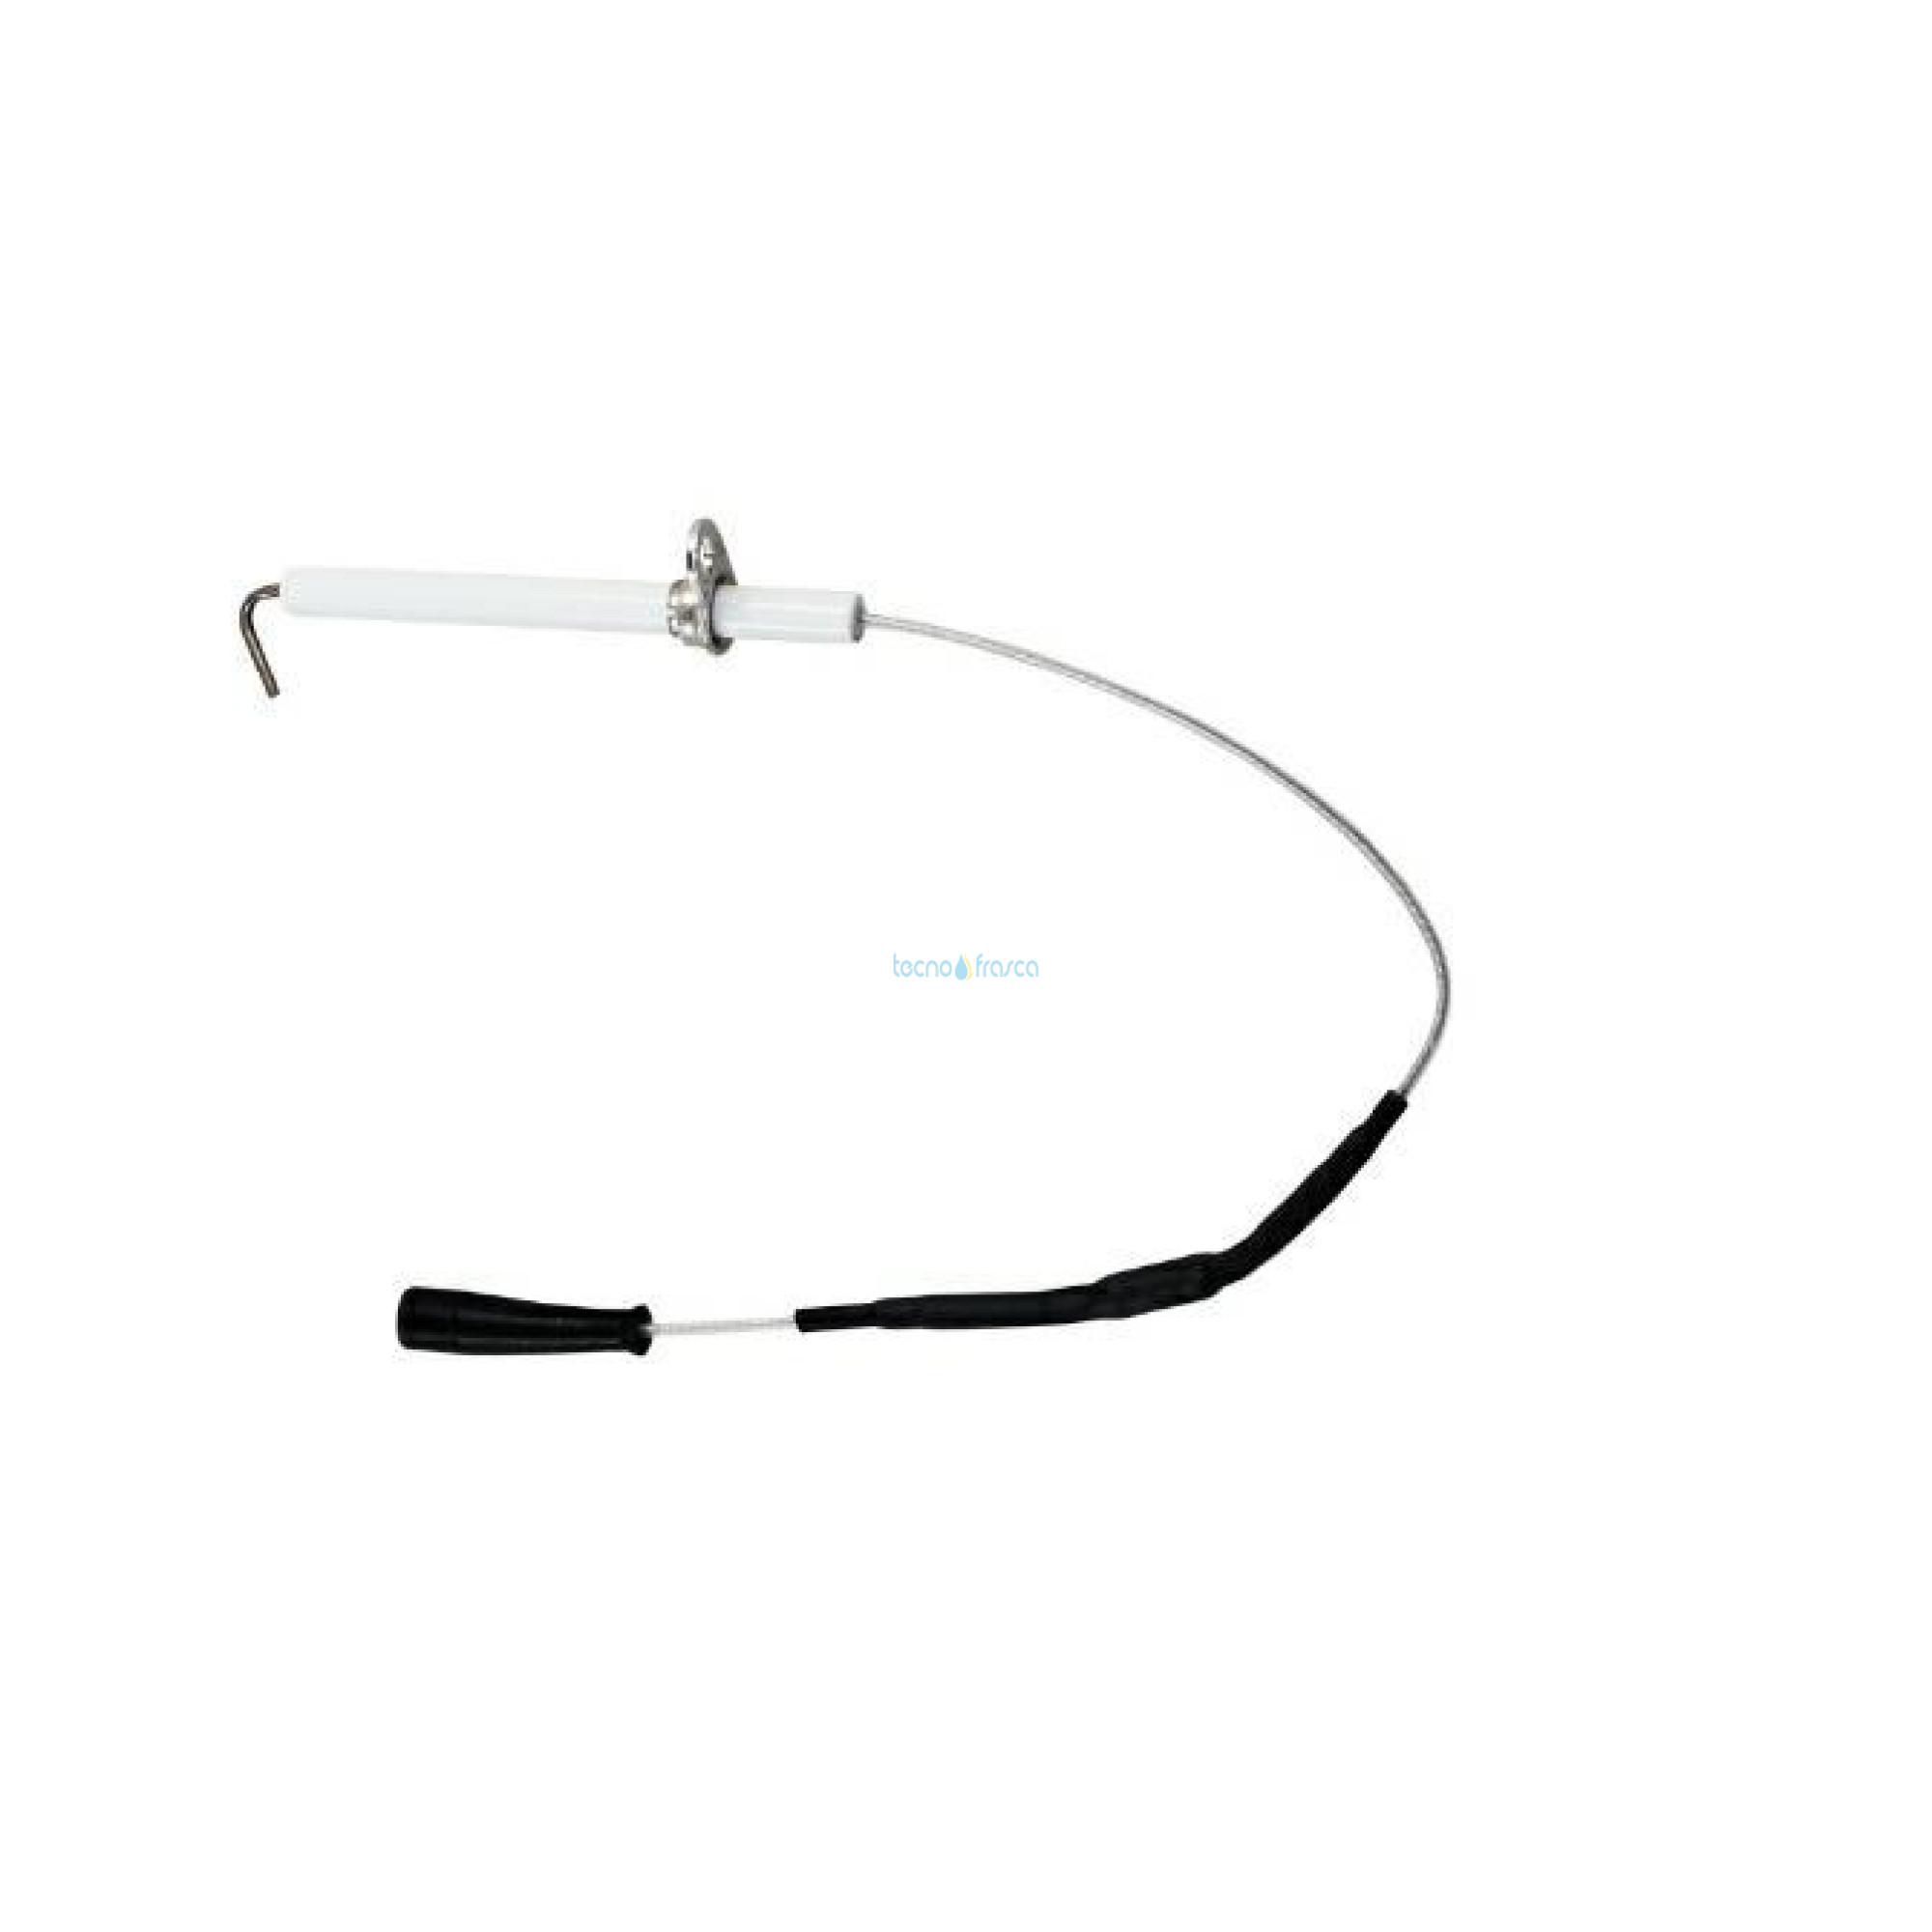 Sylber elettrodo di accensione e rilevazione r10025917